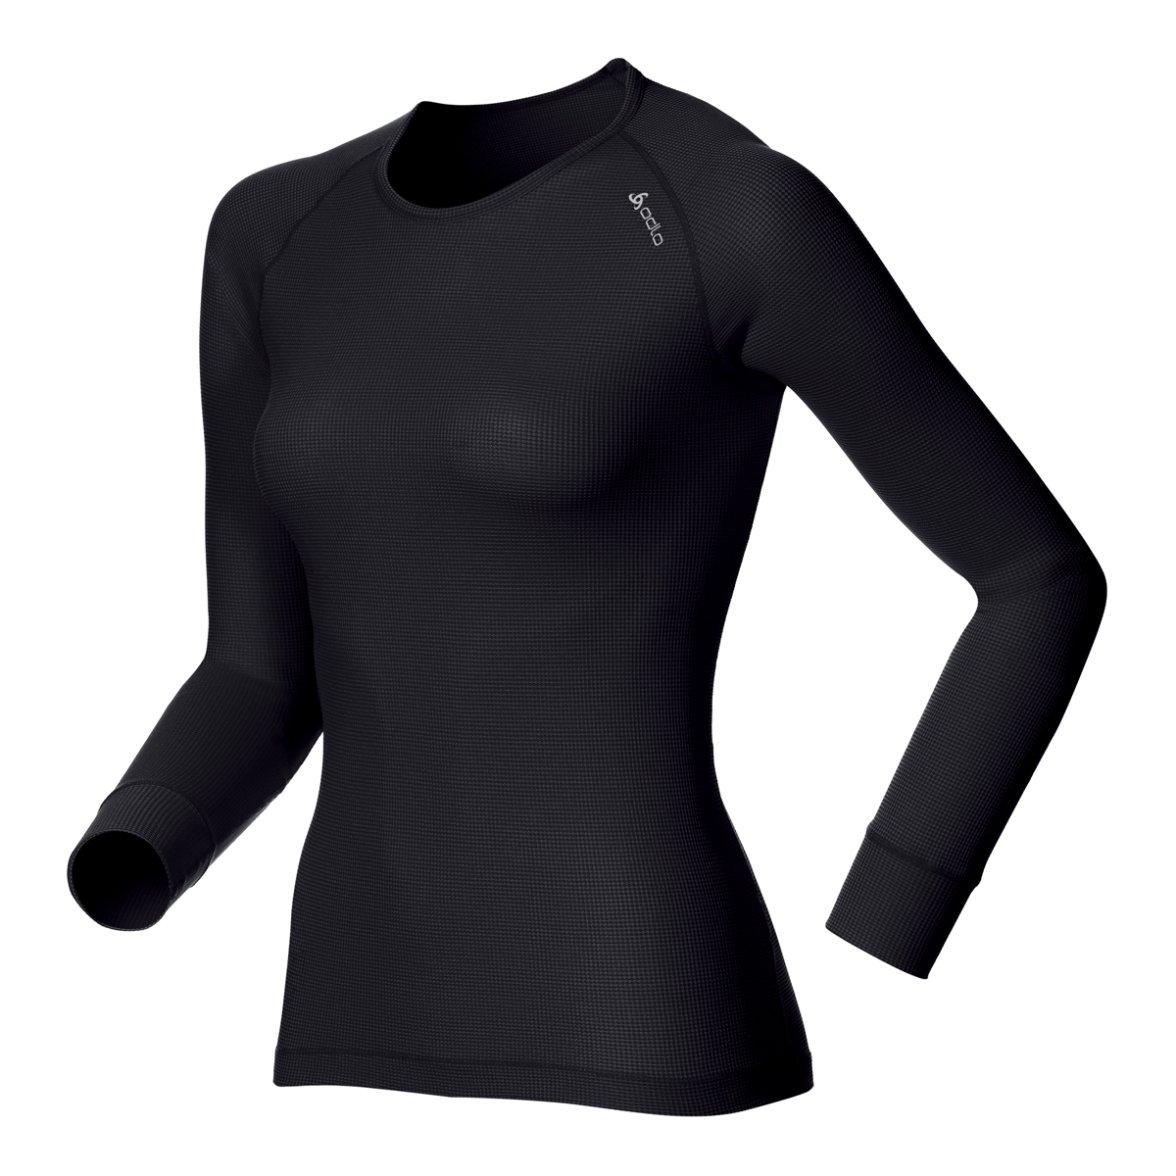 Odlo Damen Shirt Long Sleeve Crew Neck Cubic B005MKCP8S Shirts Shirts Shirts & Blausen Unsere Kleidung gibt Ihnen viel SelbstGrünrauen 4953e3